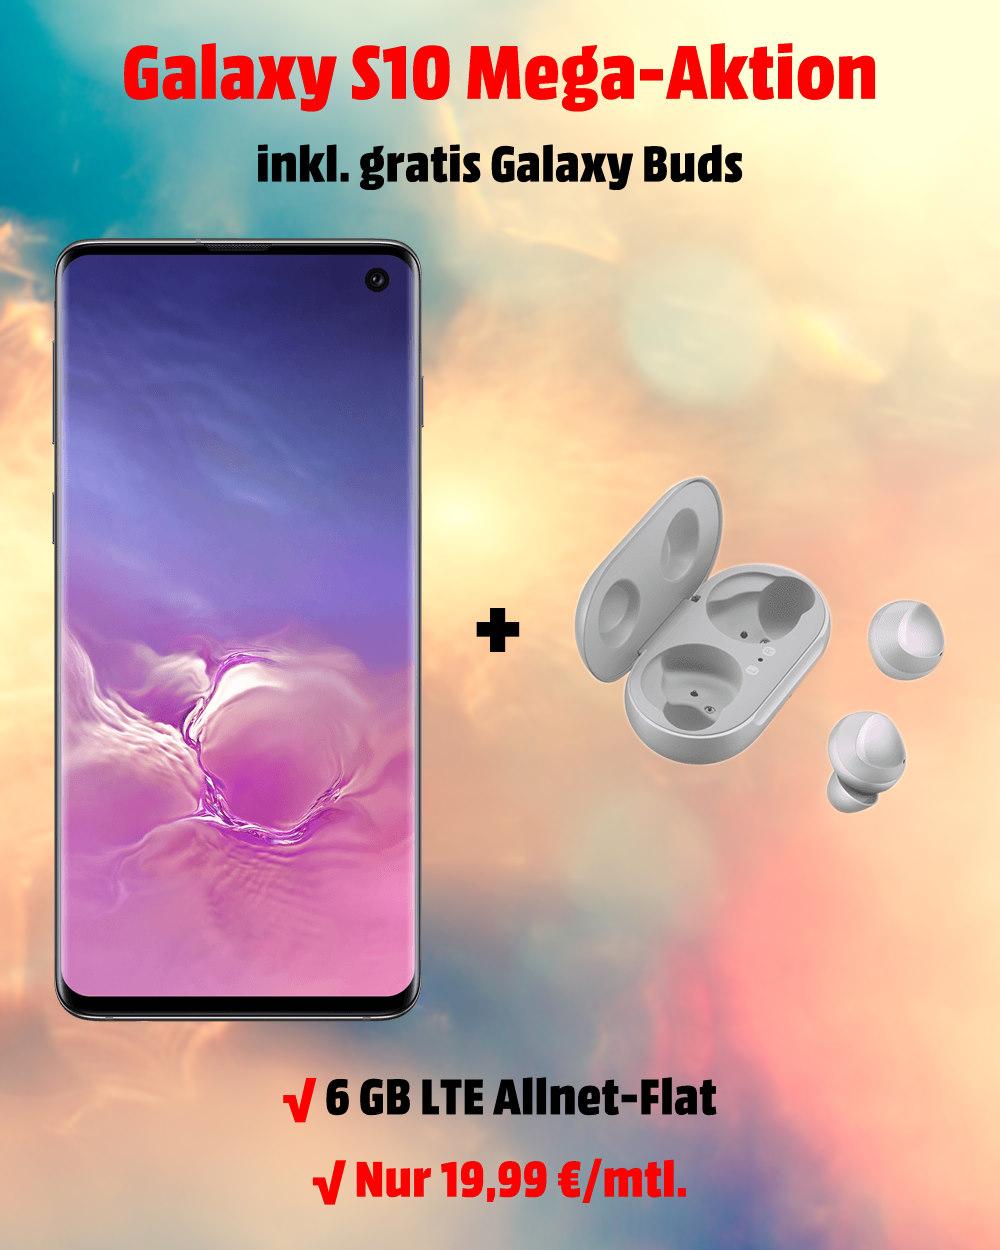 Galaxy S10 inkl. Galaxy Buds und 6 GB LTE Allnet-Flat zum absoluten Bestpreis